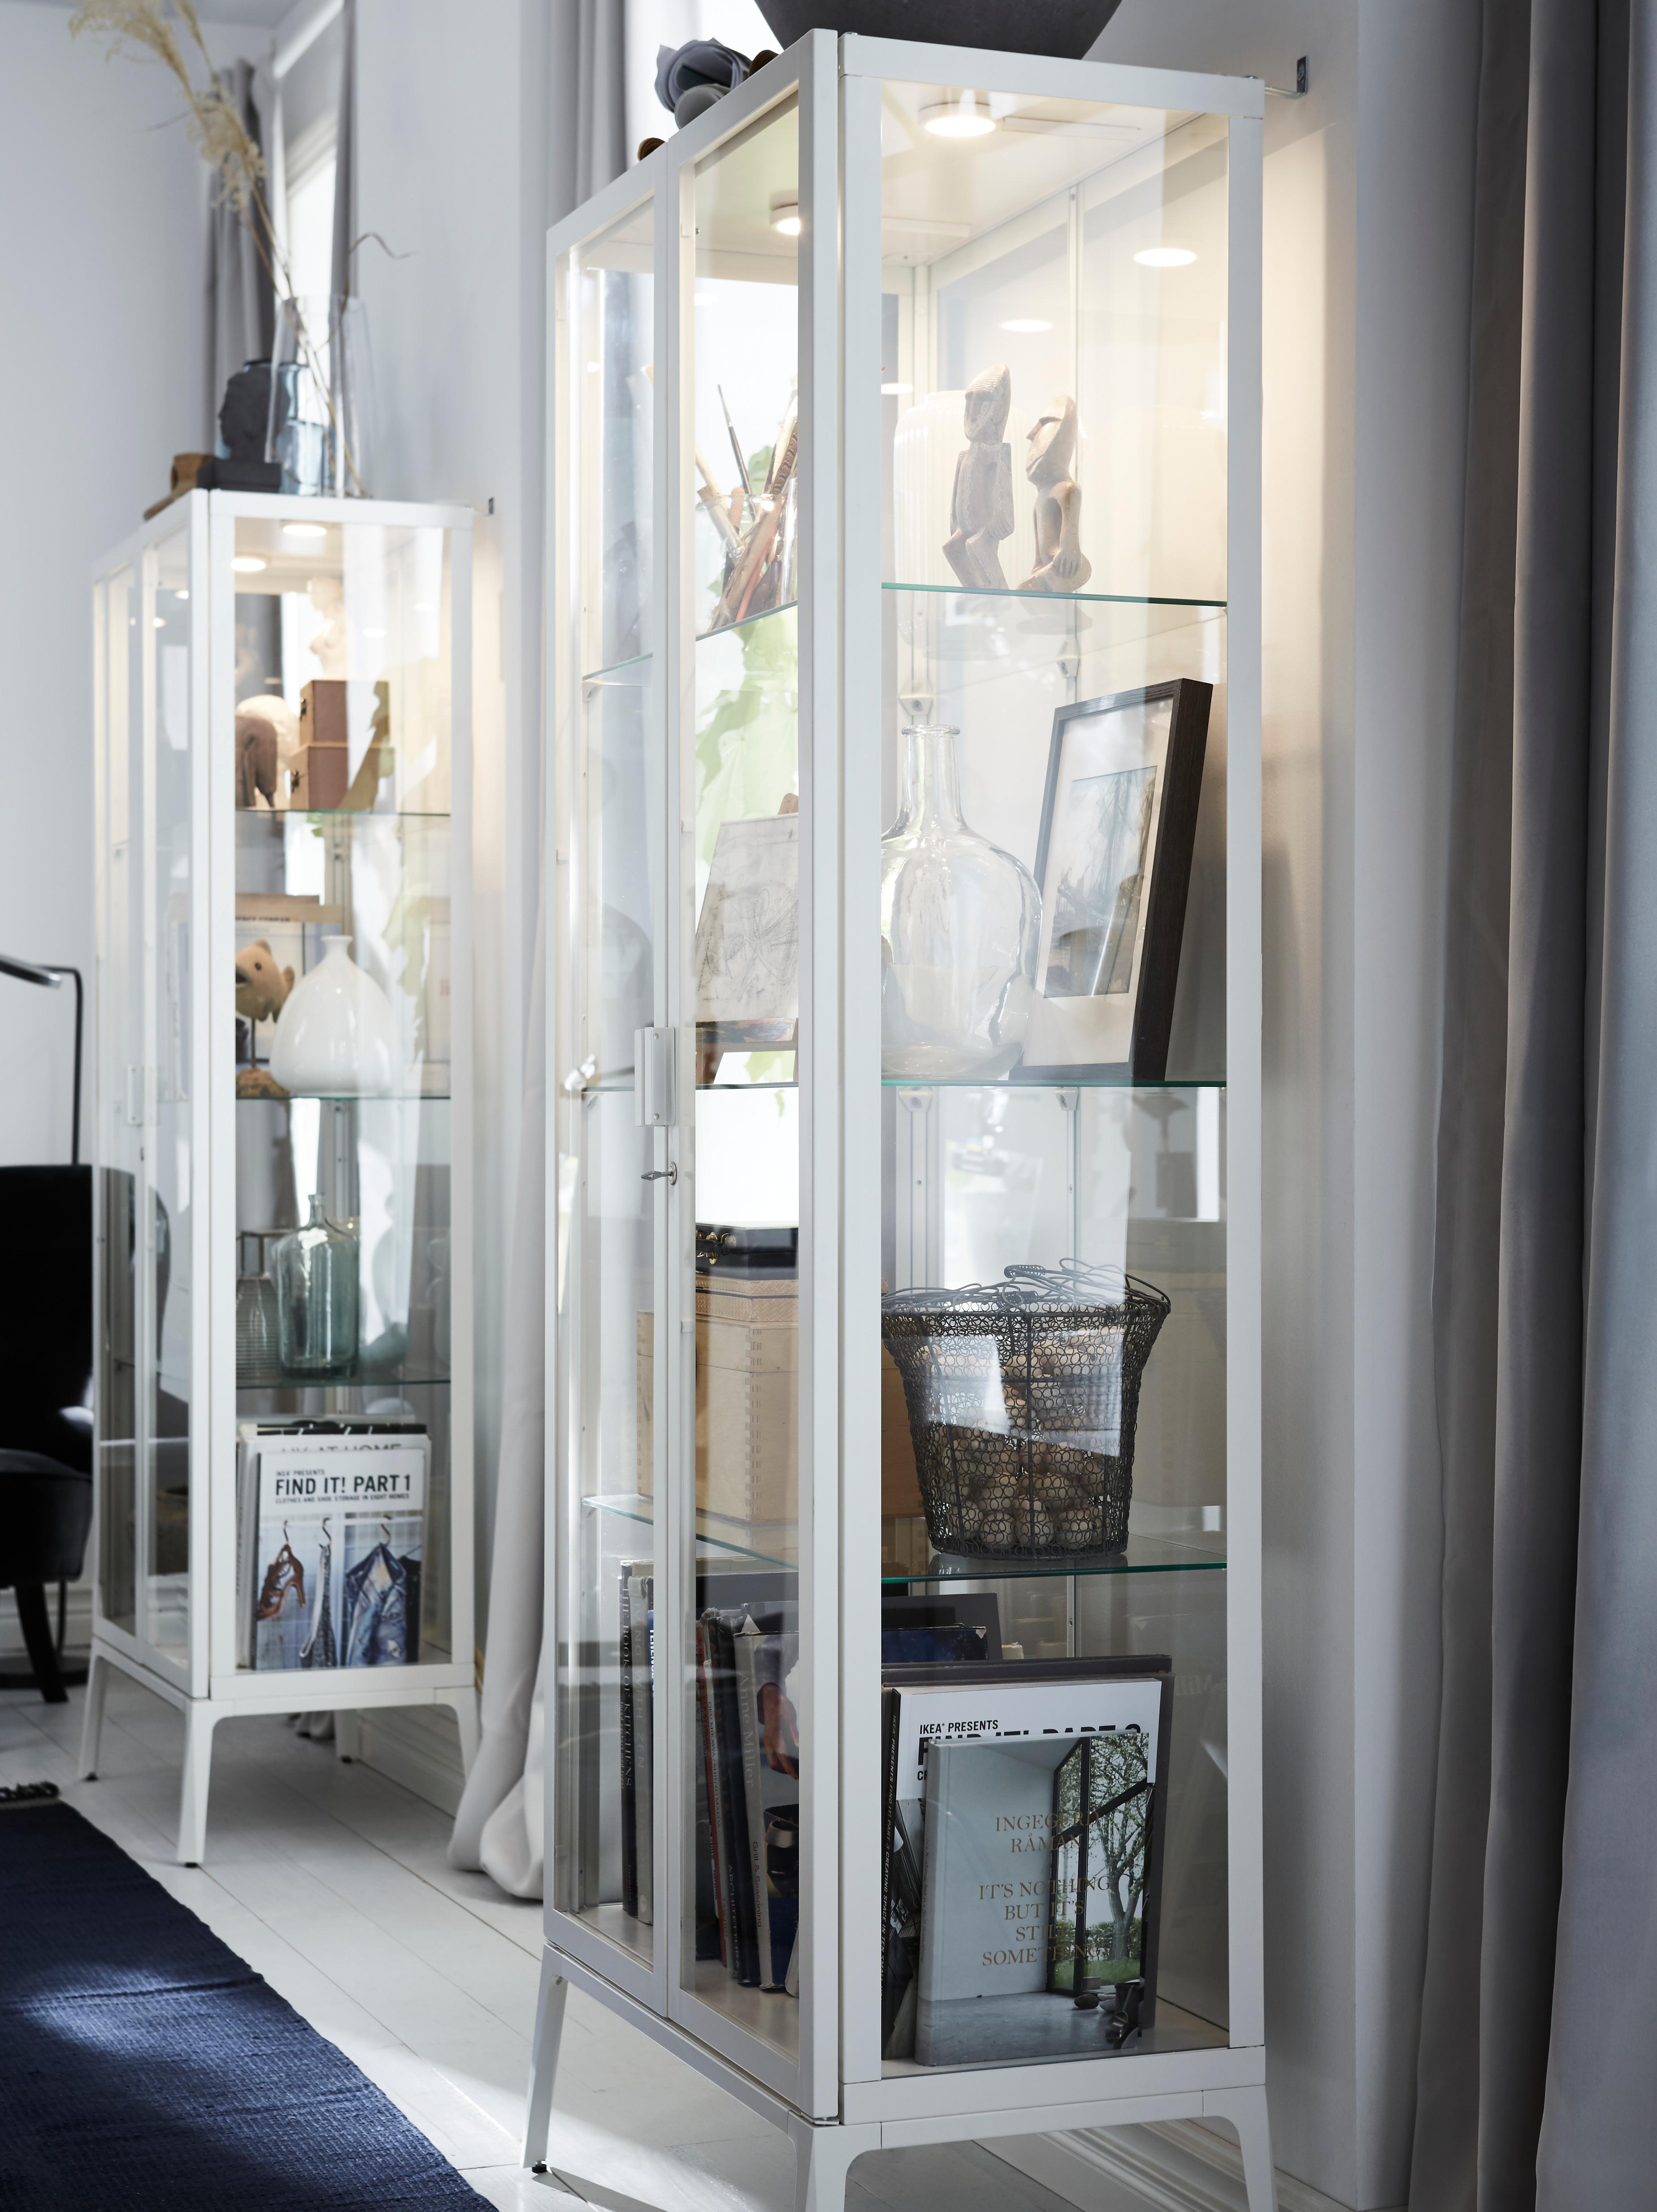 Ai lati di una finestra, due vetrine bianche illuminate sono addossate alla parete e contengono libri, vasi e altri oggetti.